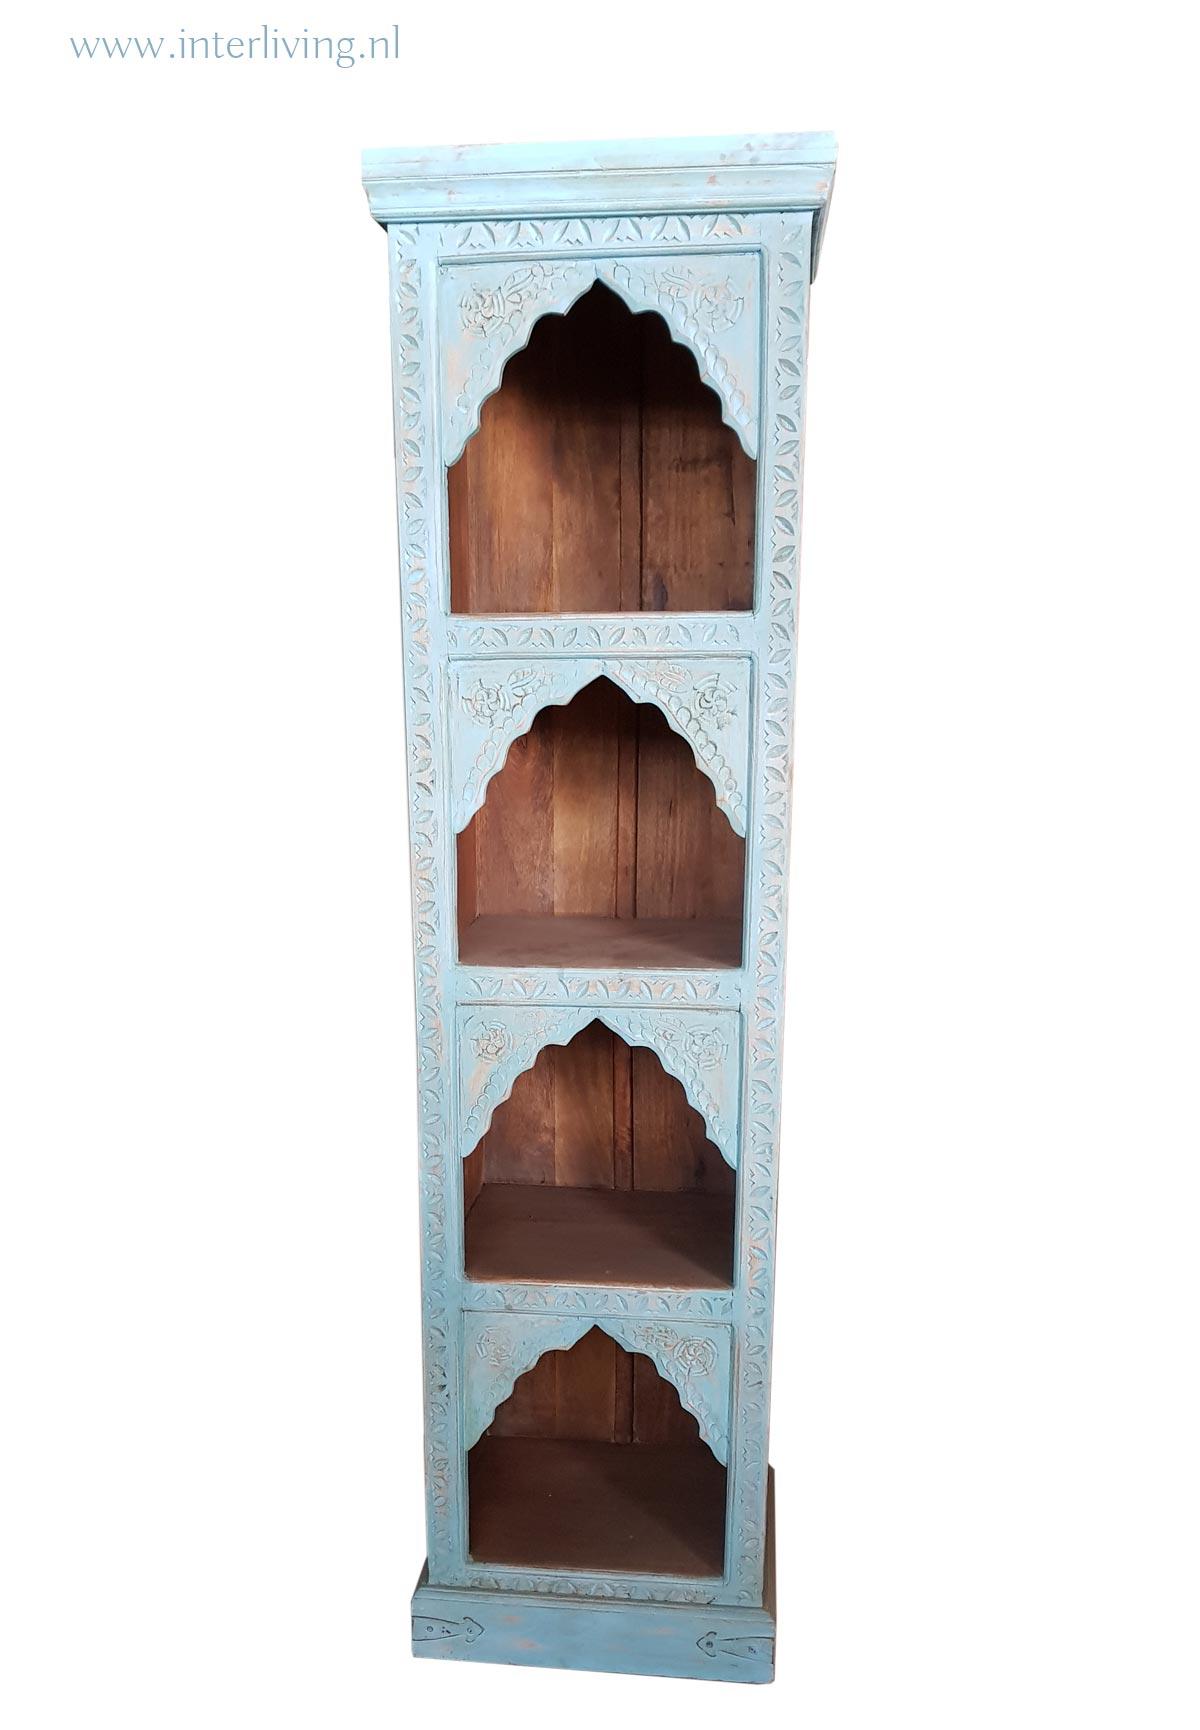 smalle oosterse vakkenkast of boekenkast met sierlijke boogjes